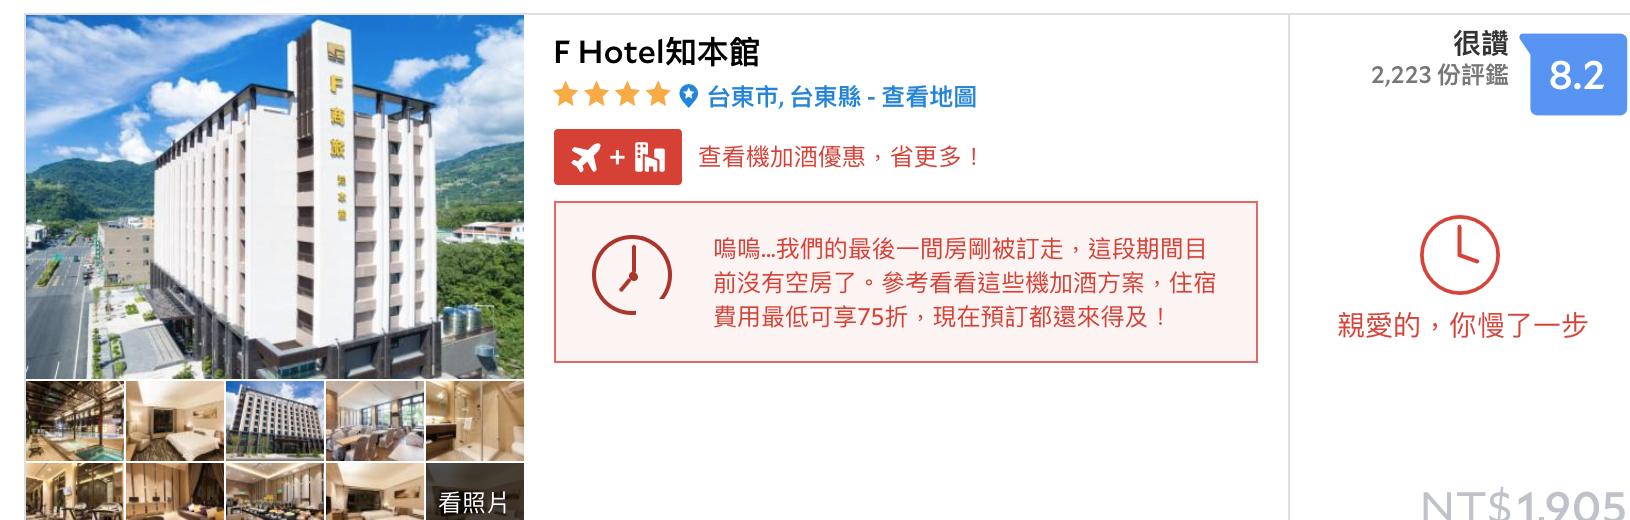 台東2K以下高評分可入住飯店,七月暑假搜尋~手腳要稍微快一點了!